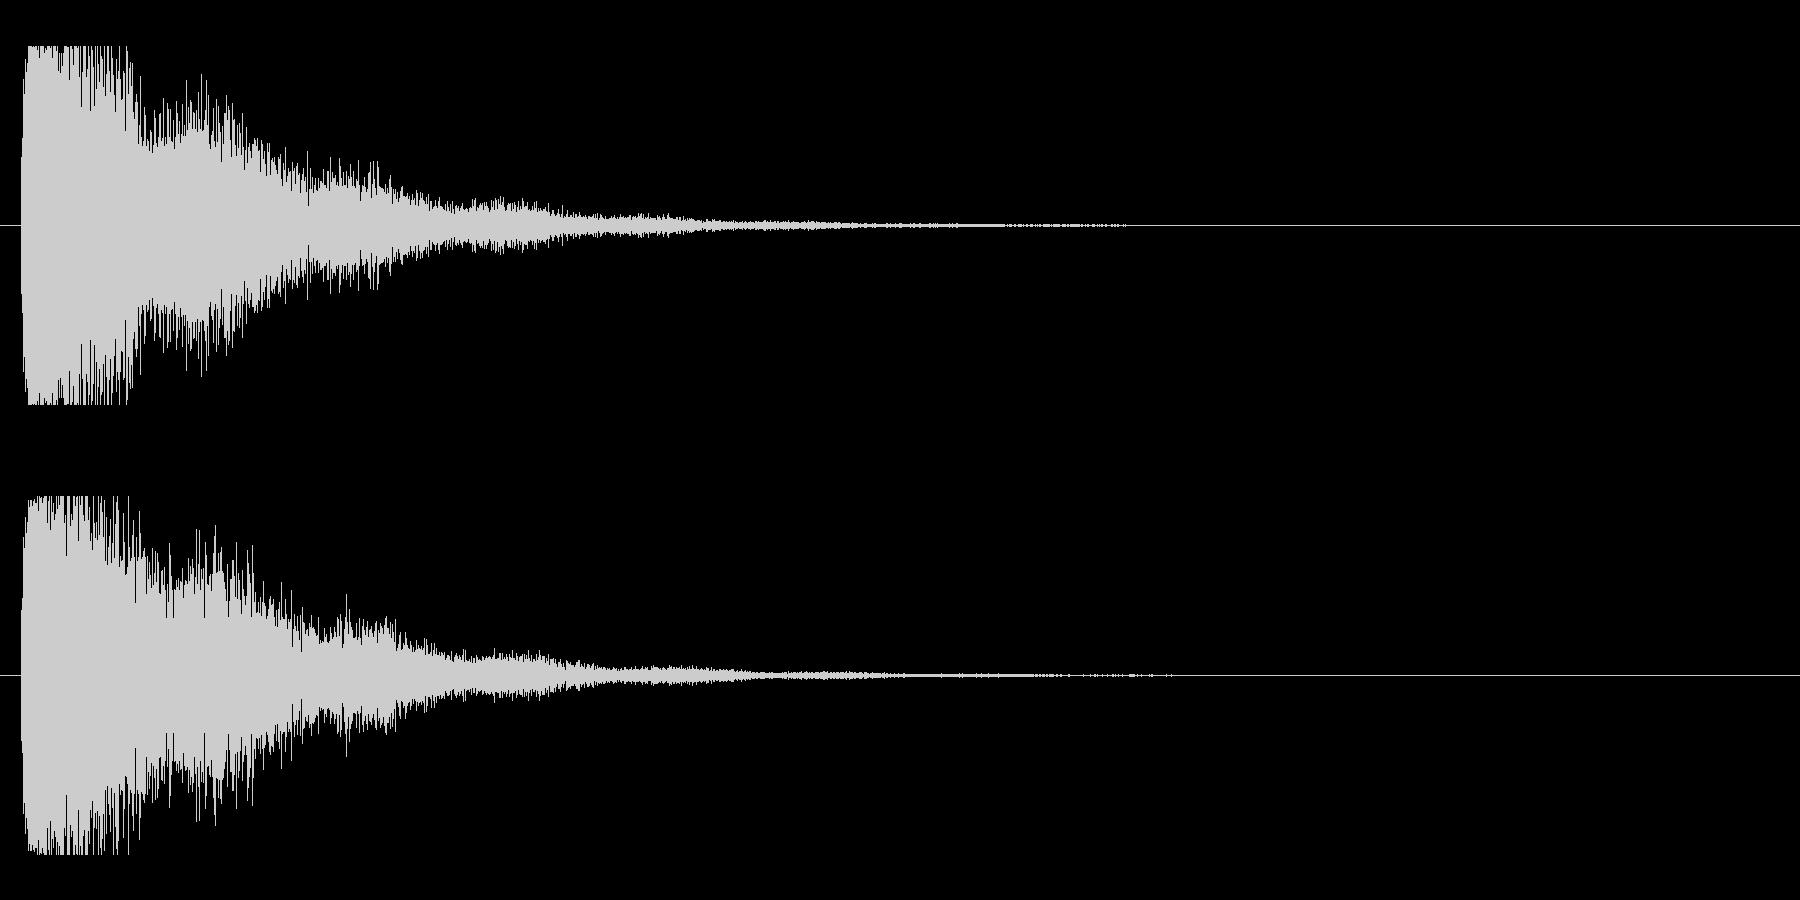 レーザー音-21-2の未再生の波形